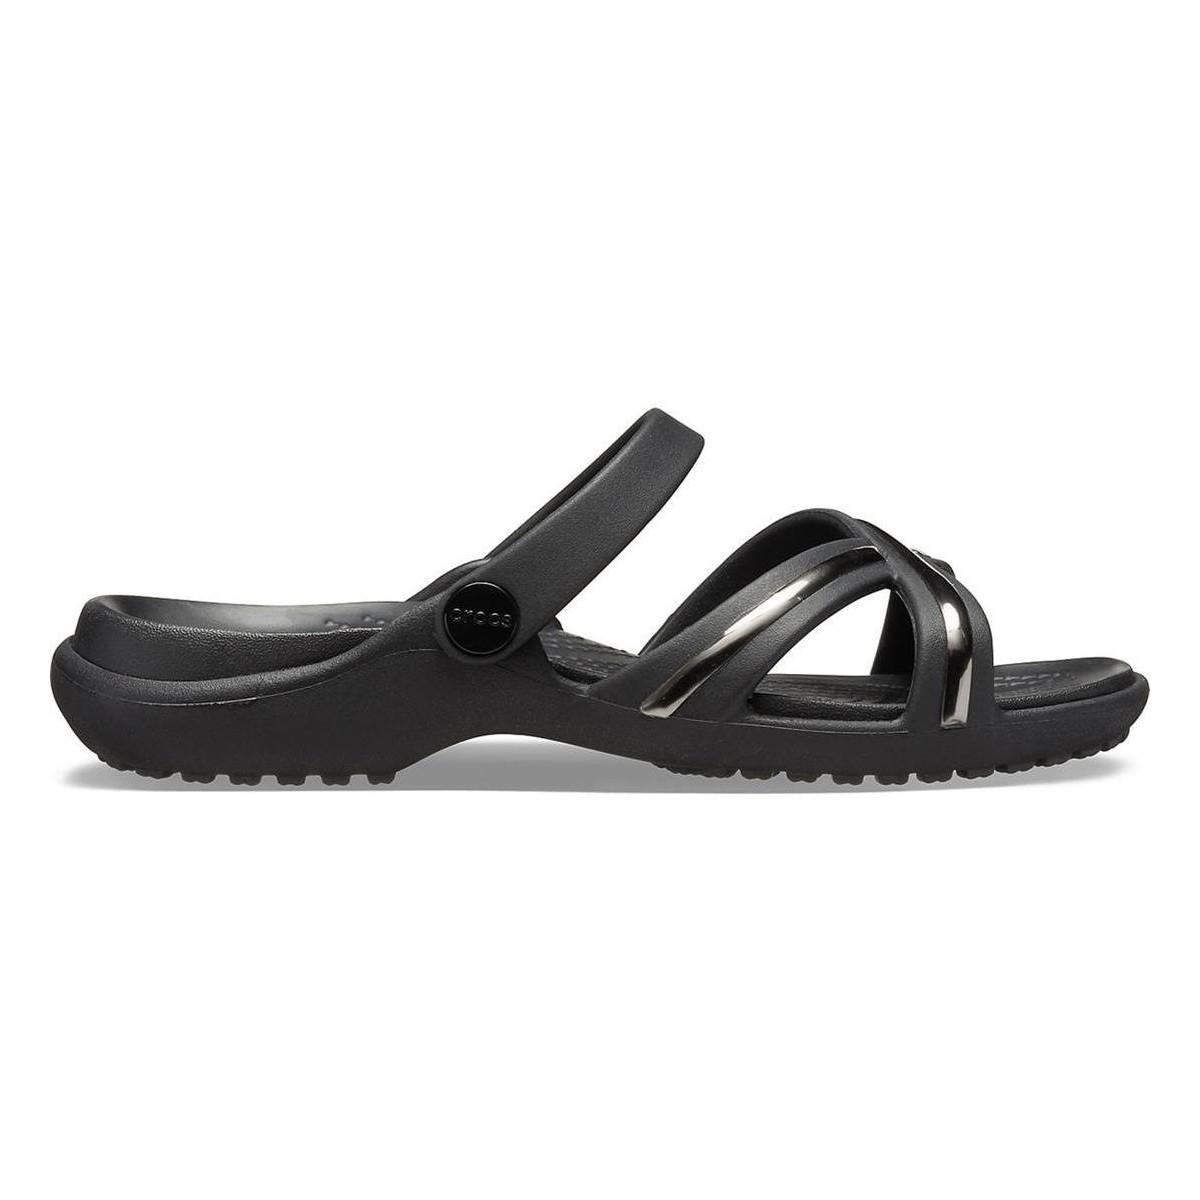 205571 Sandales Crocs�?en coloris Noir